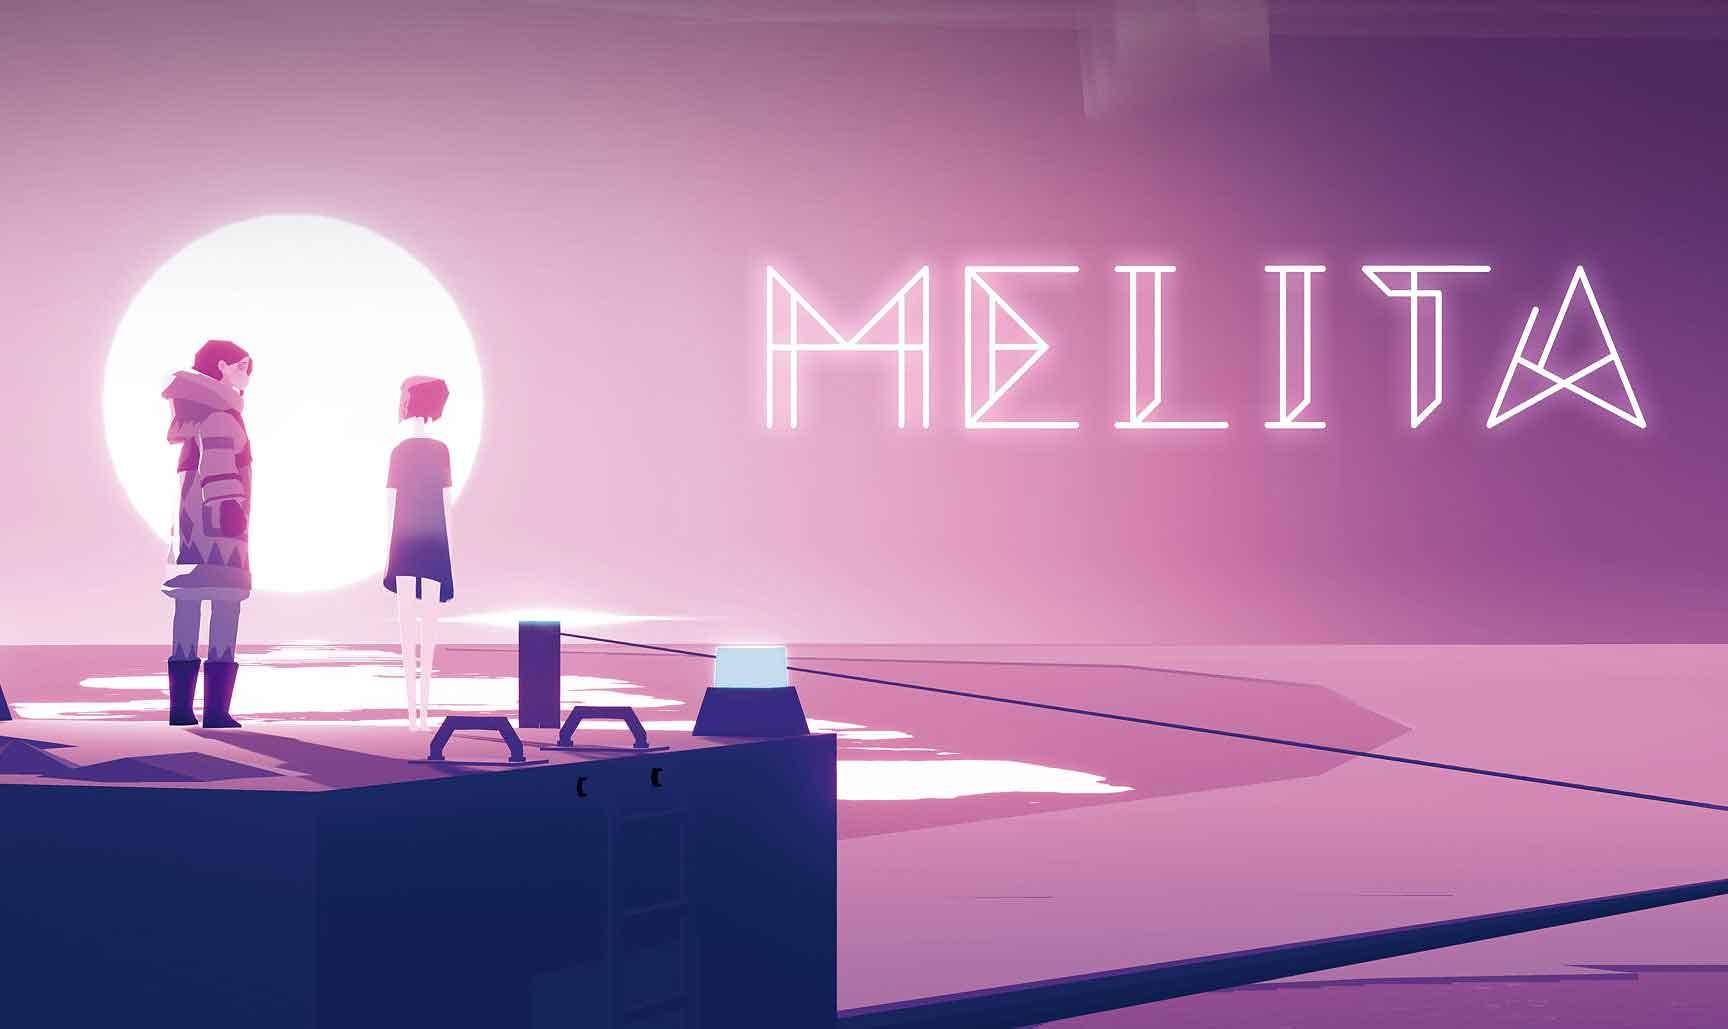 Melita handelt von einerInuit-Forscherin und einer KI in Mädchengestalt, die den Fortbestand der Menschheit sichern müssen.